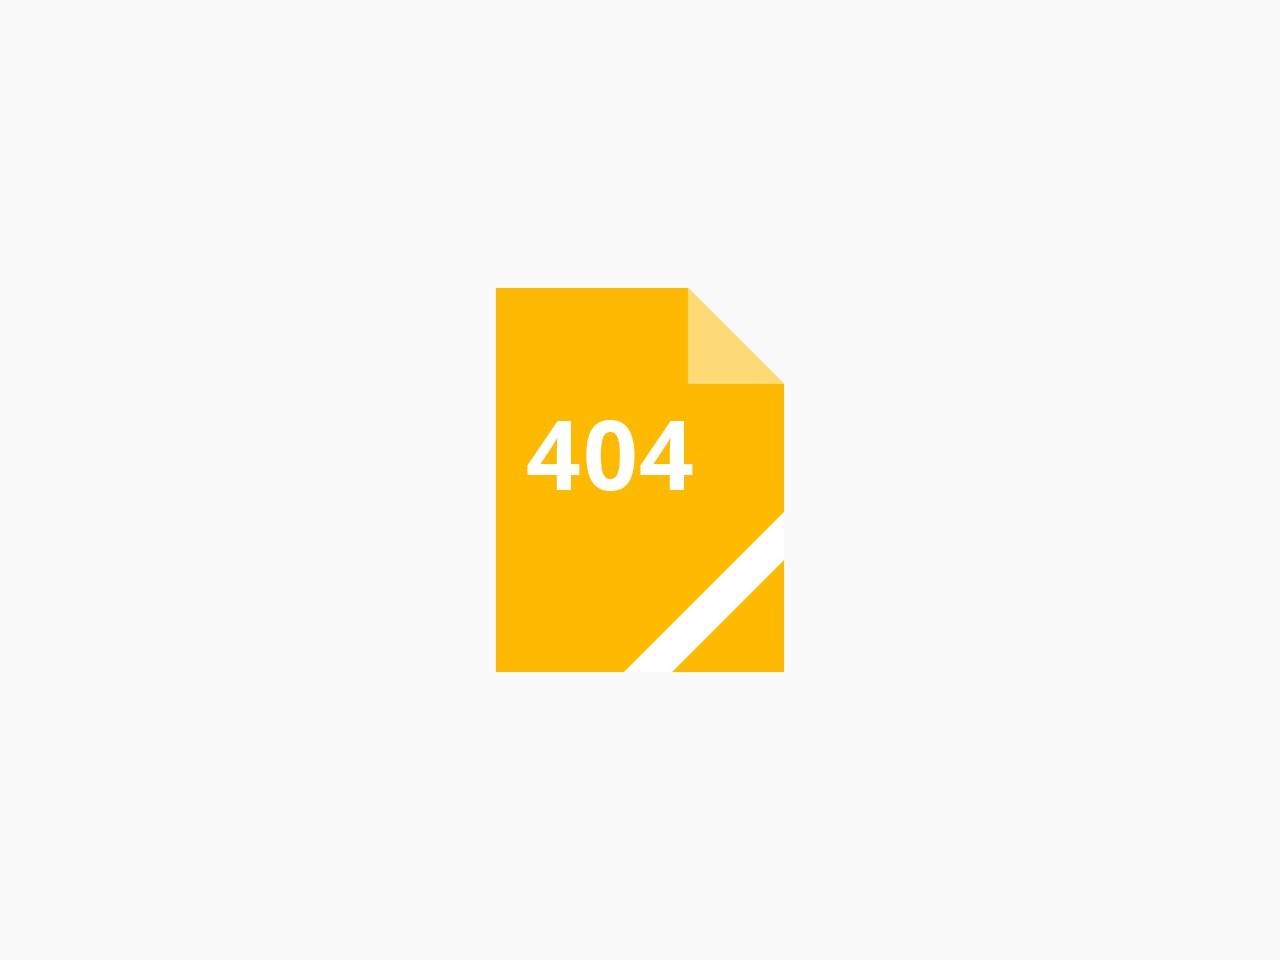 鲤鱼网_专注司法考试、公务员考试、考研